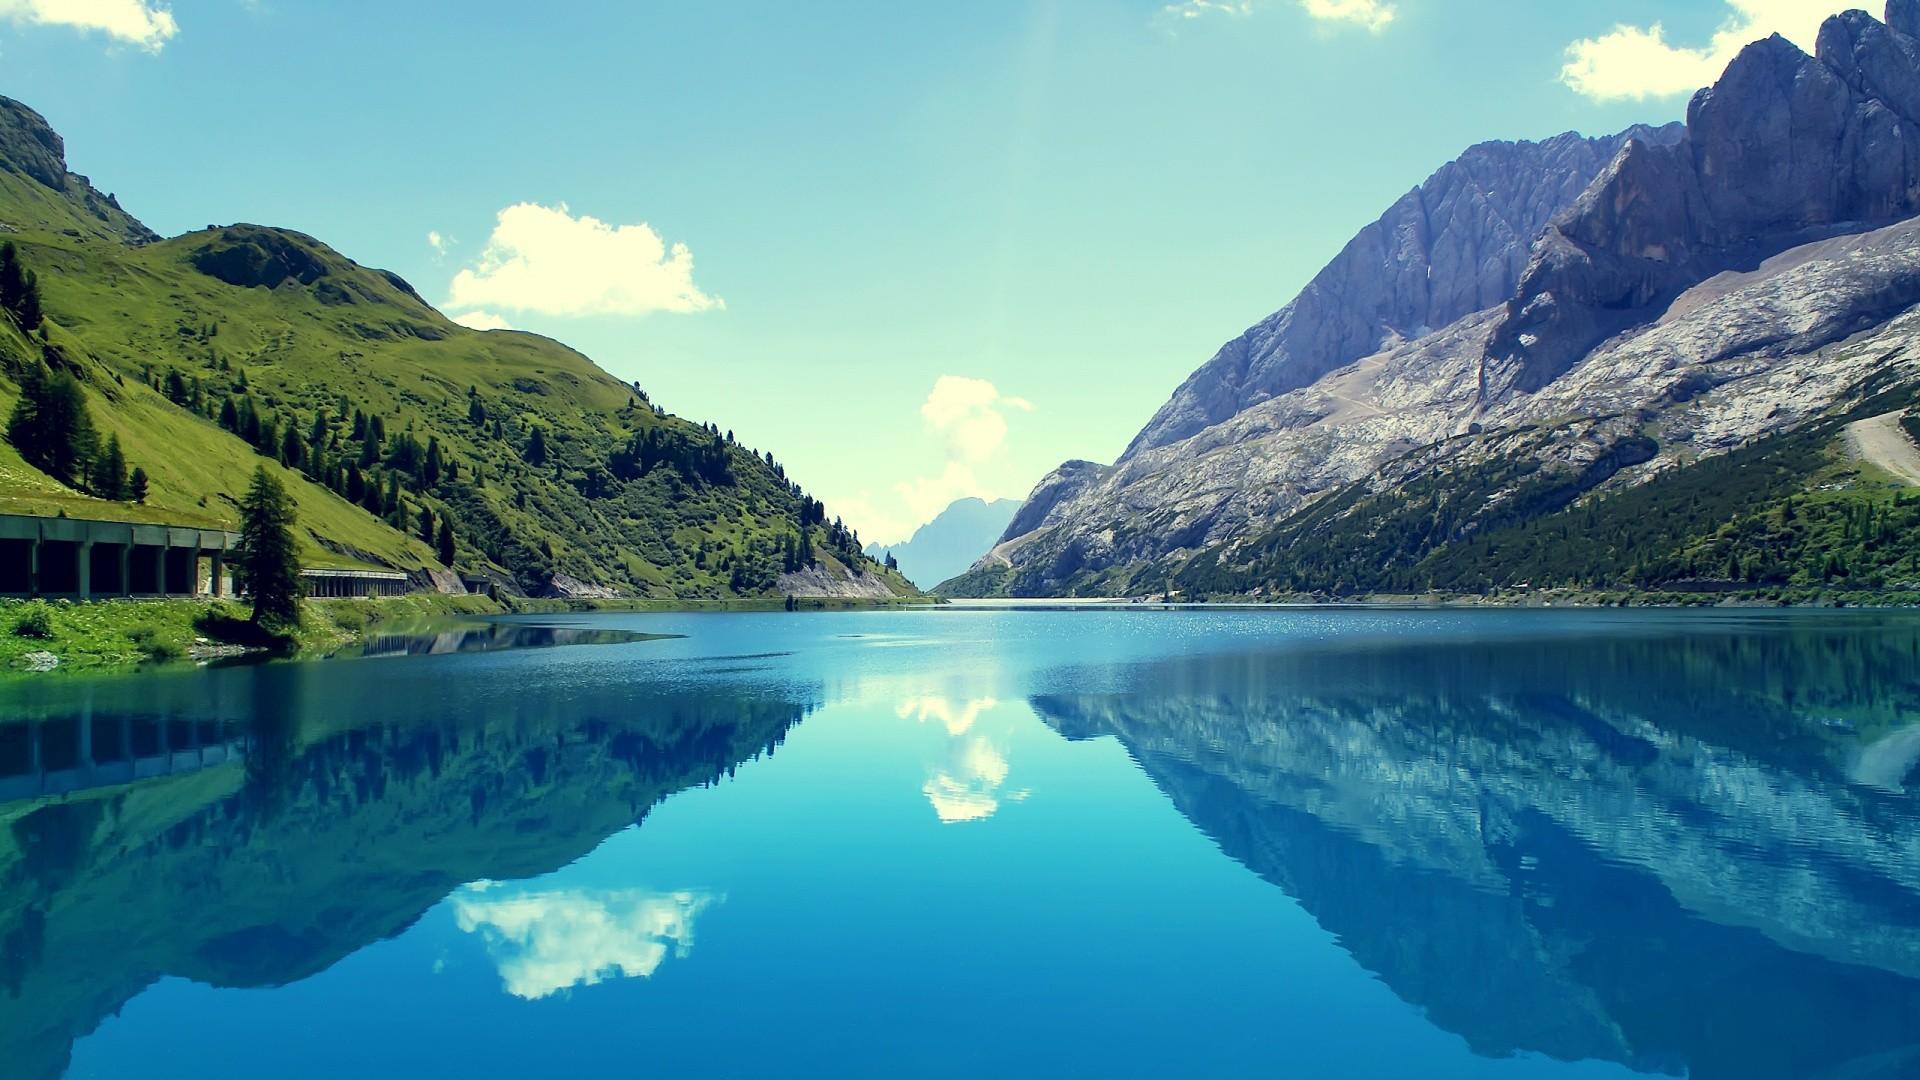 Tải hình nền phong cảnh thiên nhiên đẹp nhất